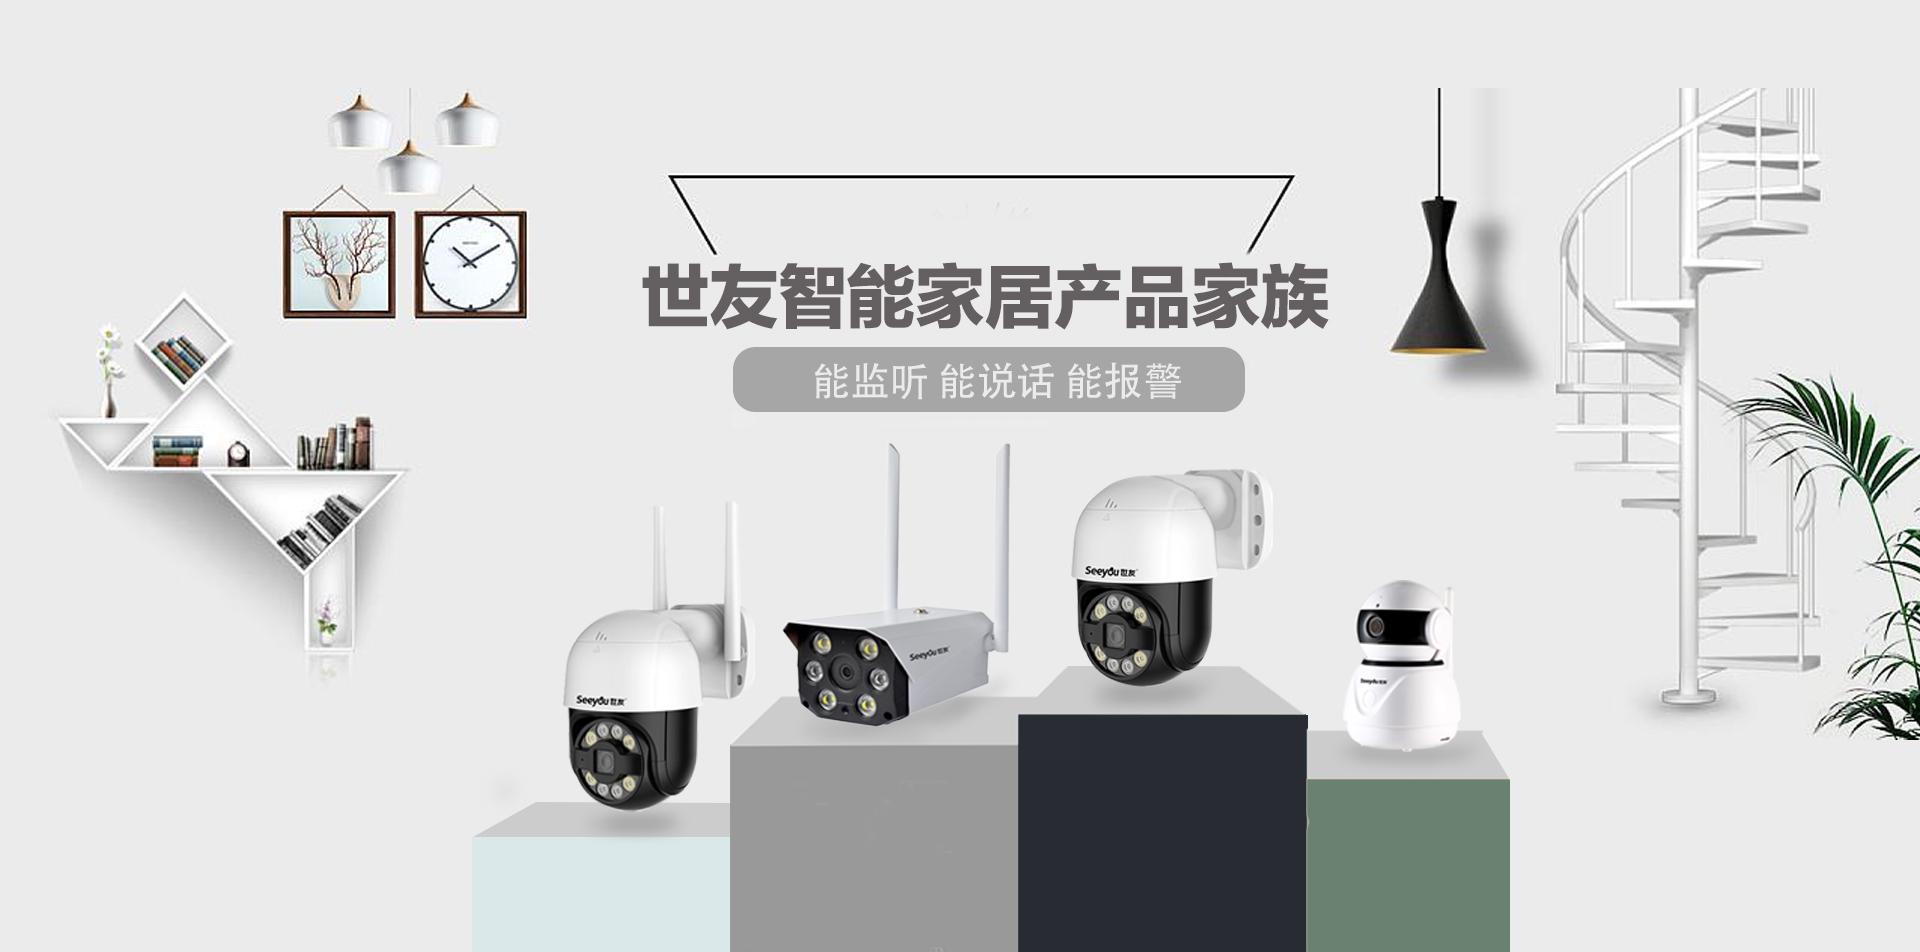 安防智能监控时代已经开启 家用视频监控系统受关注